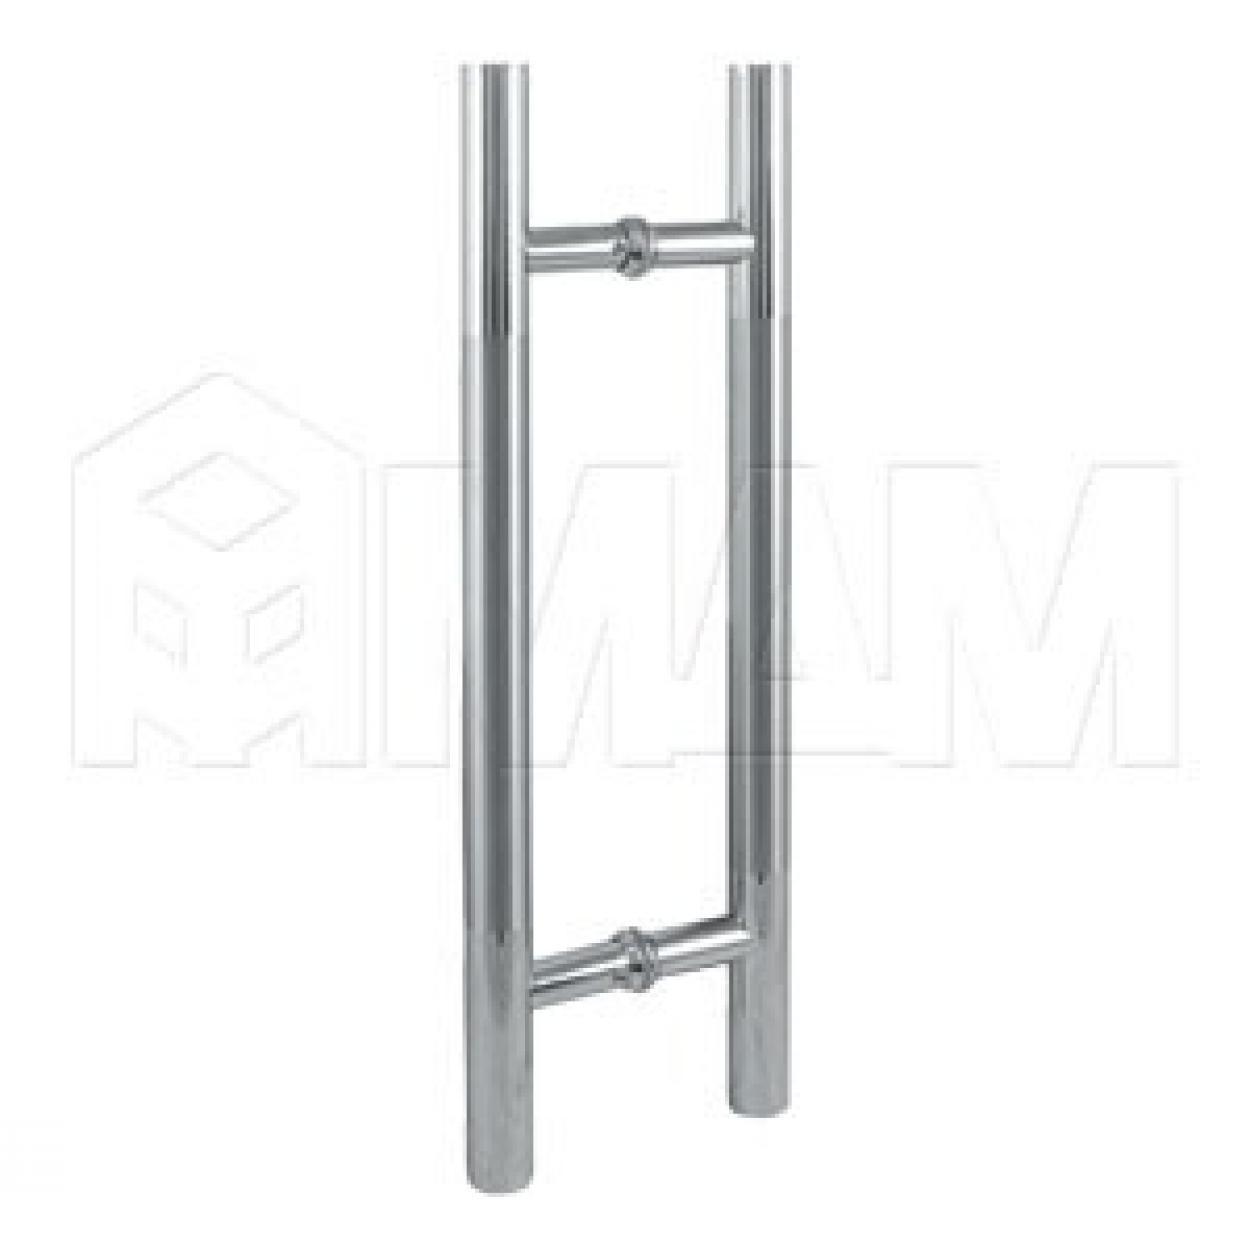 Porta ручка-рейлинг для стеклянных дверей 8-12 мм, хром/нержавеющая сталь, L450, D25